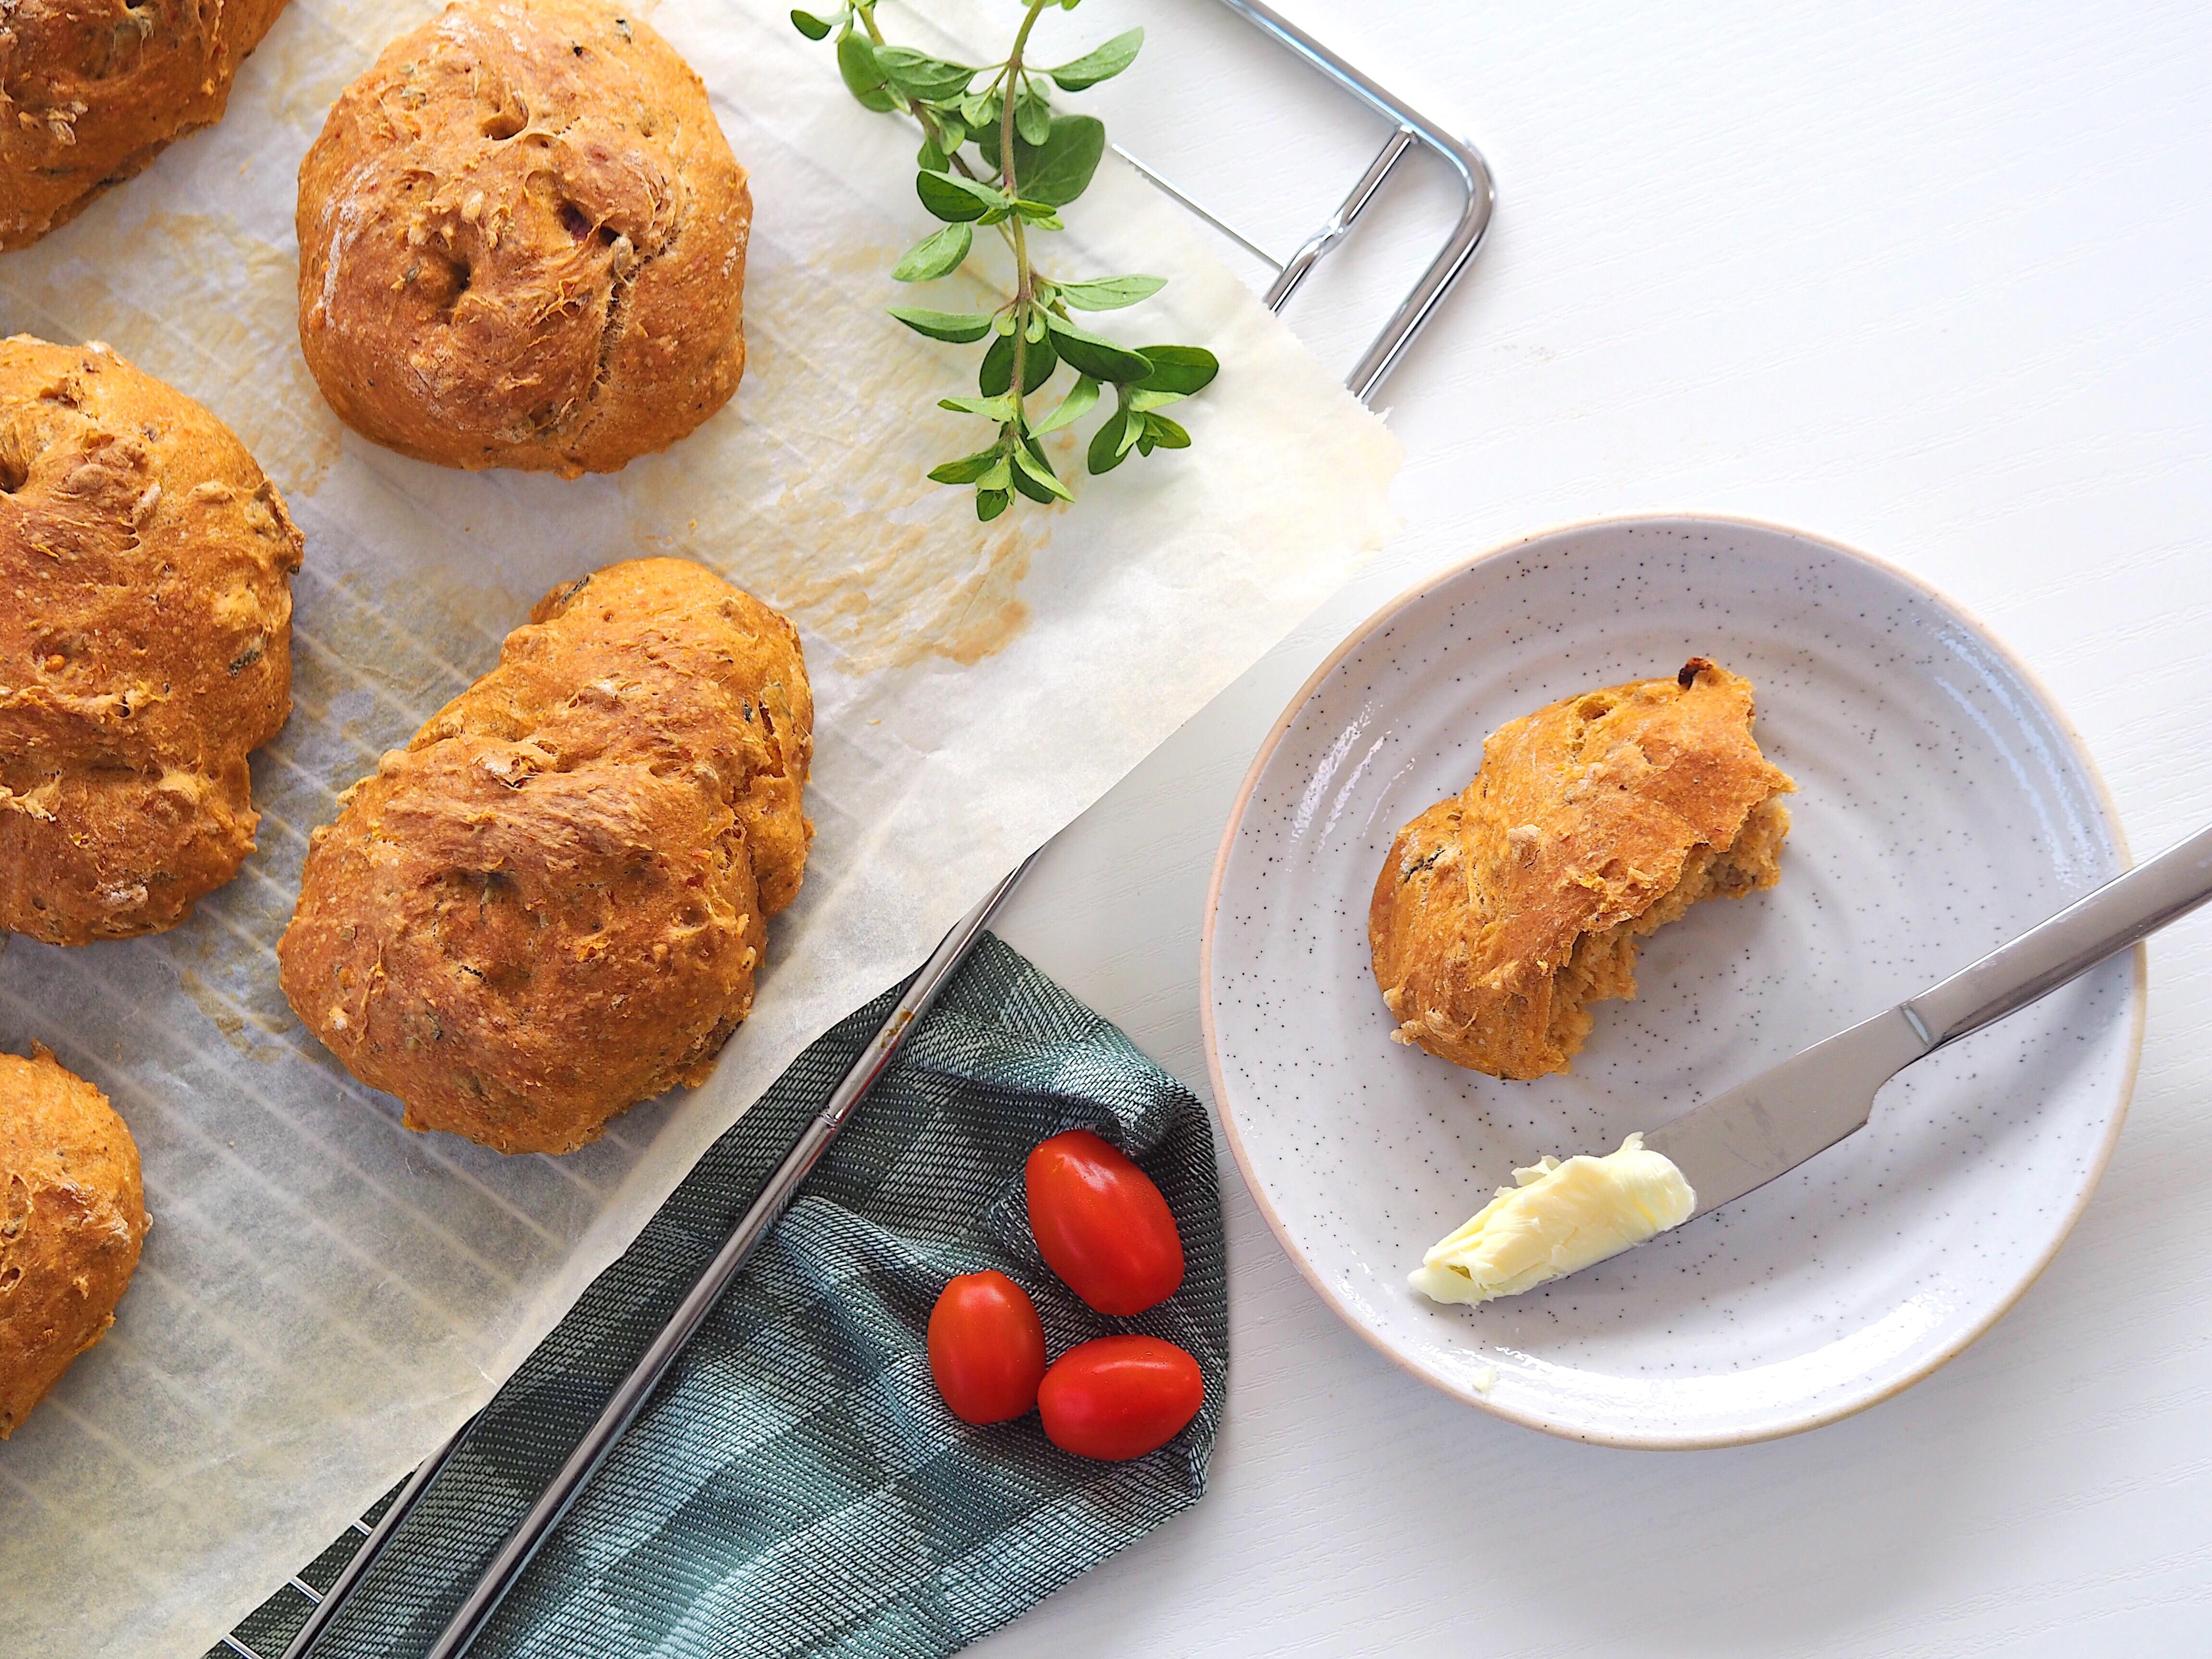 Lækre boller med pesto, soltørrede tomater og frisk oregano